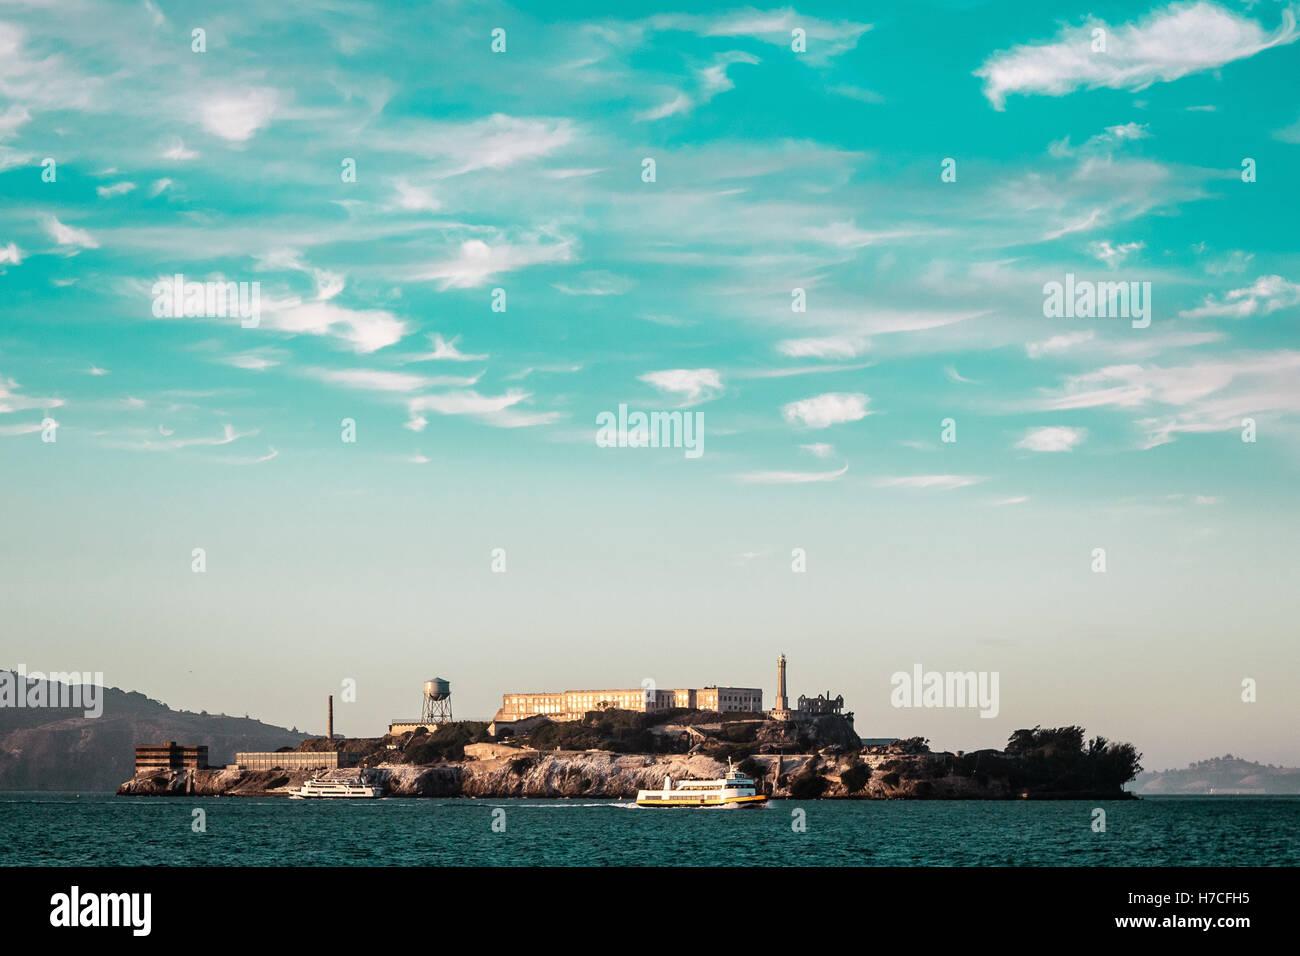 Foto della prigione di Alcatraz a San Francisco, California Immagini Stock